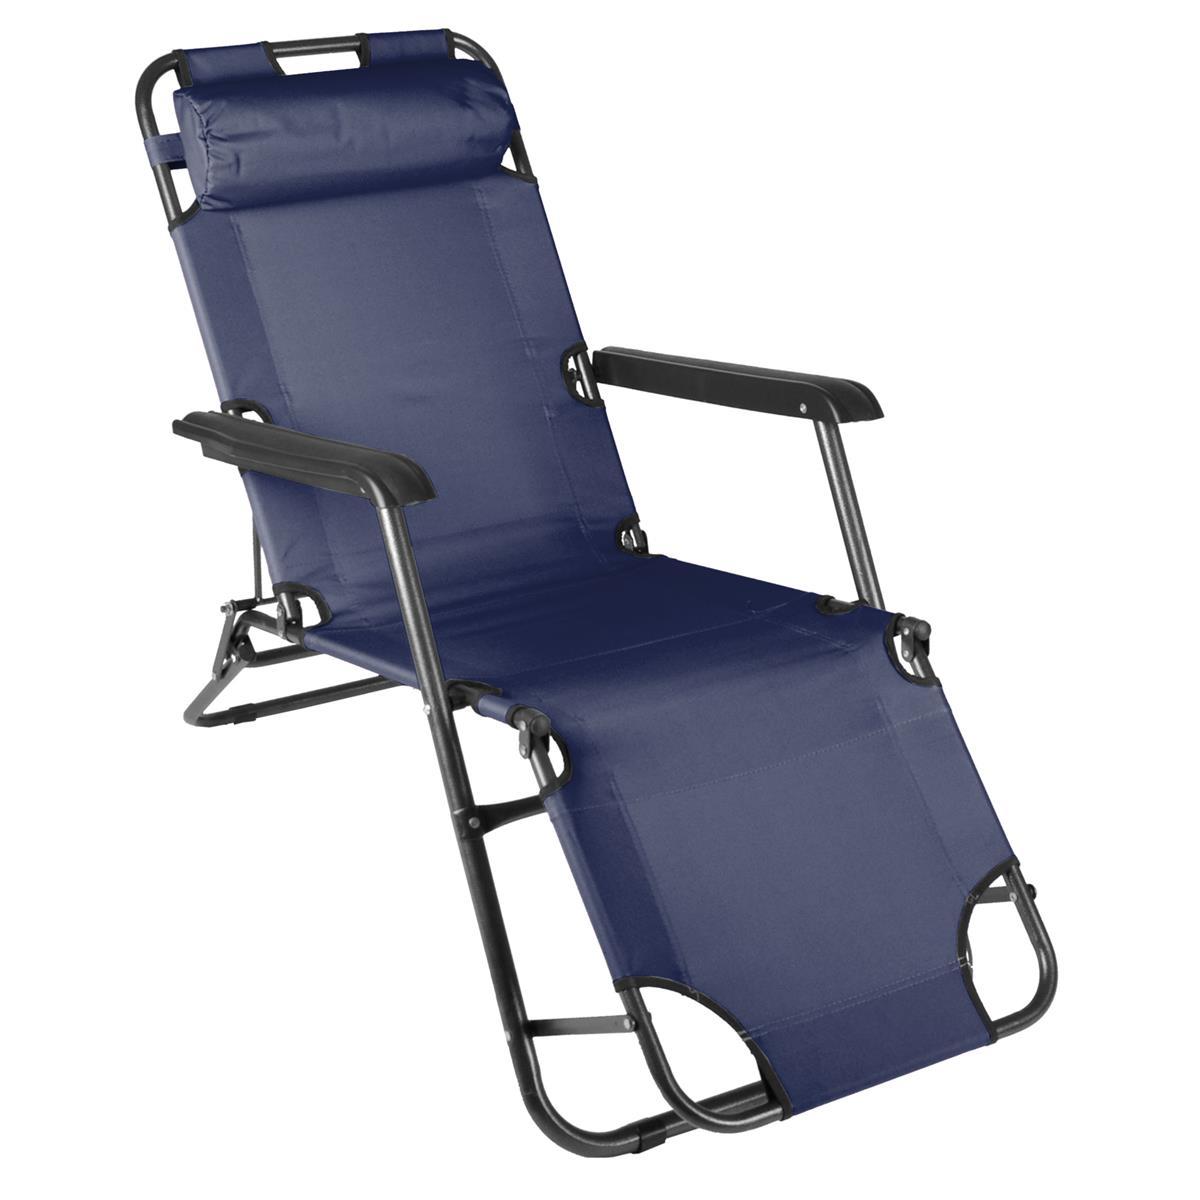 klappbare Sonnenliege Relaxliege Liegestuhl navy Klappliege Stahl